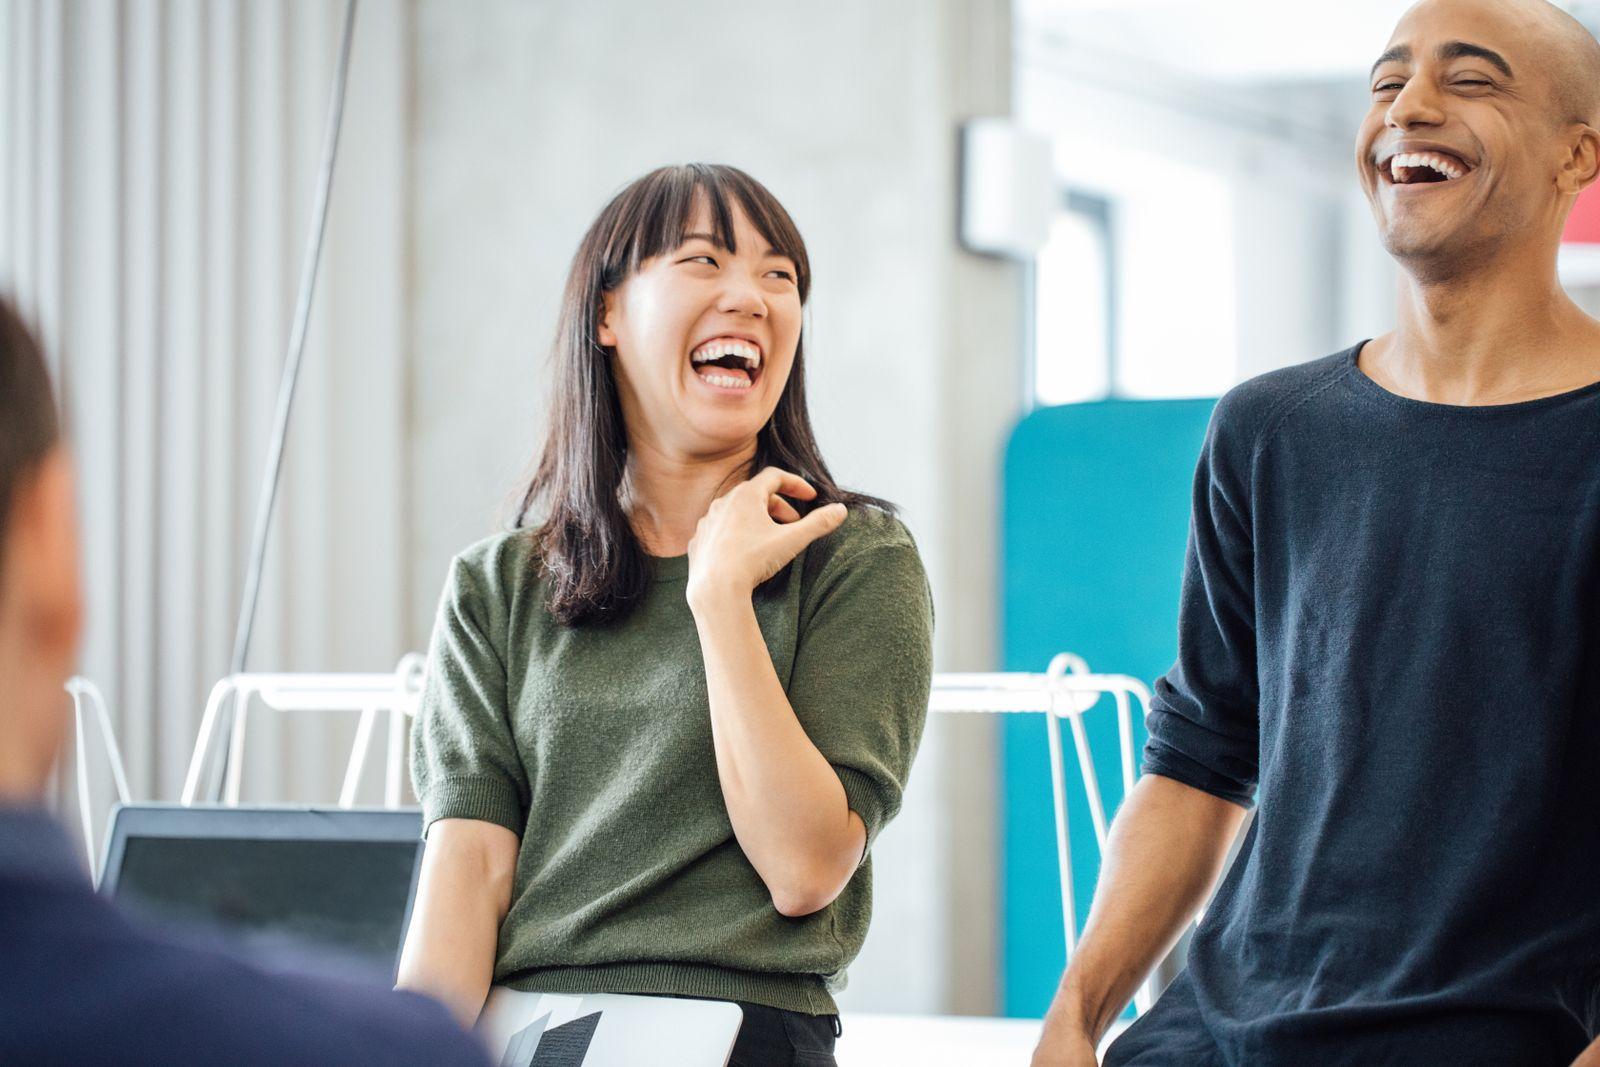 EINMALIGE VERWENDUNG Arbeit/ Büro/ lachen/ Diversität